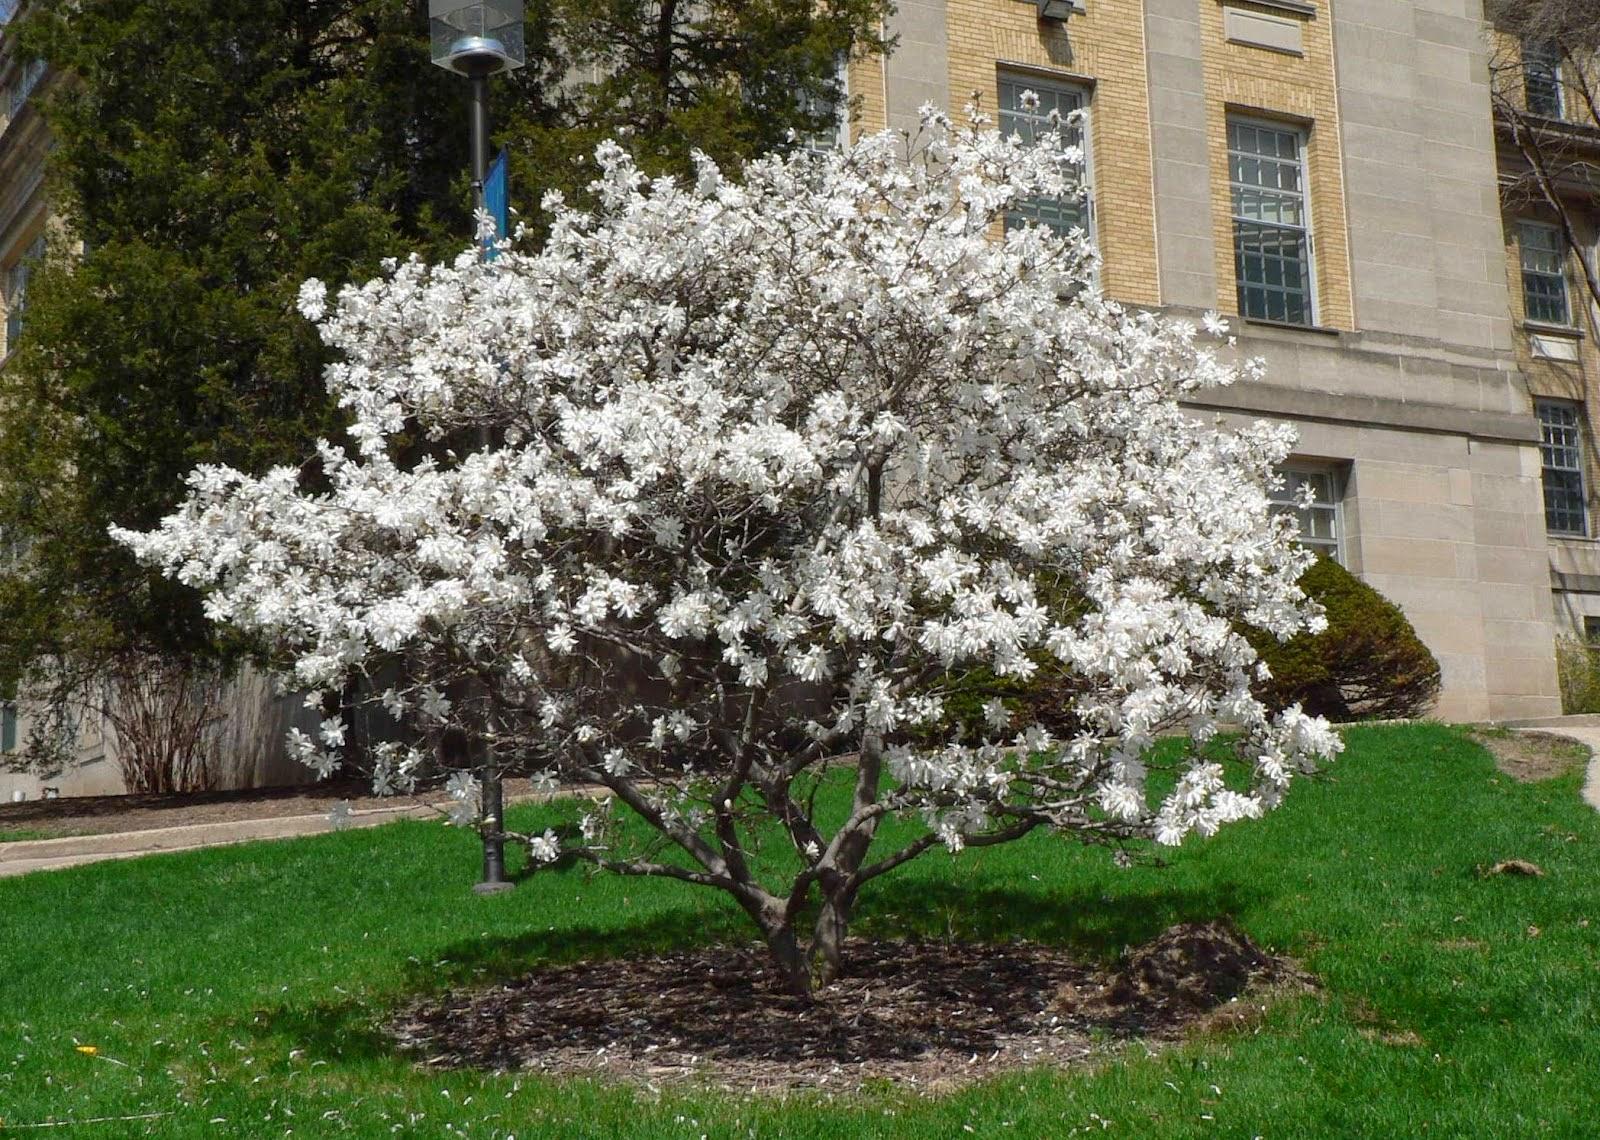 Arte y jardiner a arboles para jardines peque os 2 parte for Arboles para jardines pequenos